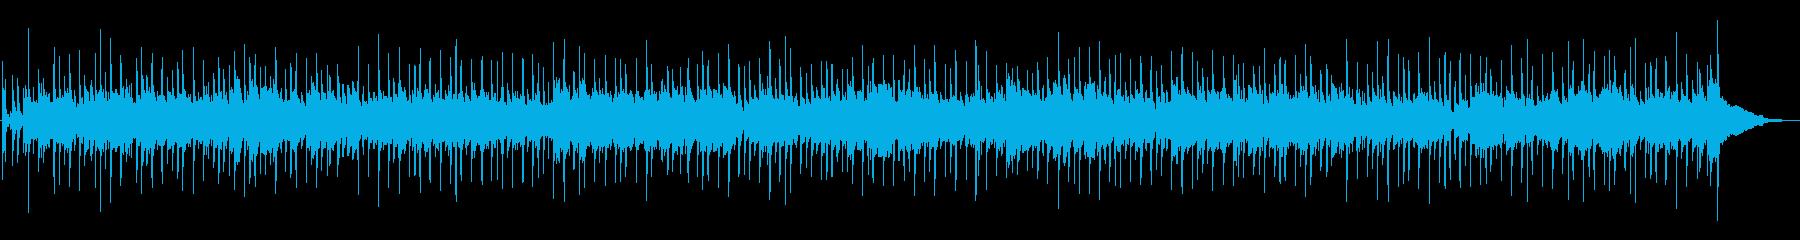 アコギのストロークが爽やかなBGMの再生済みの波形